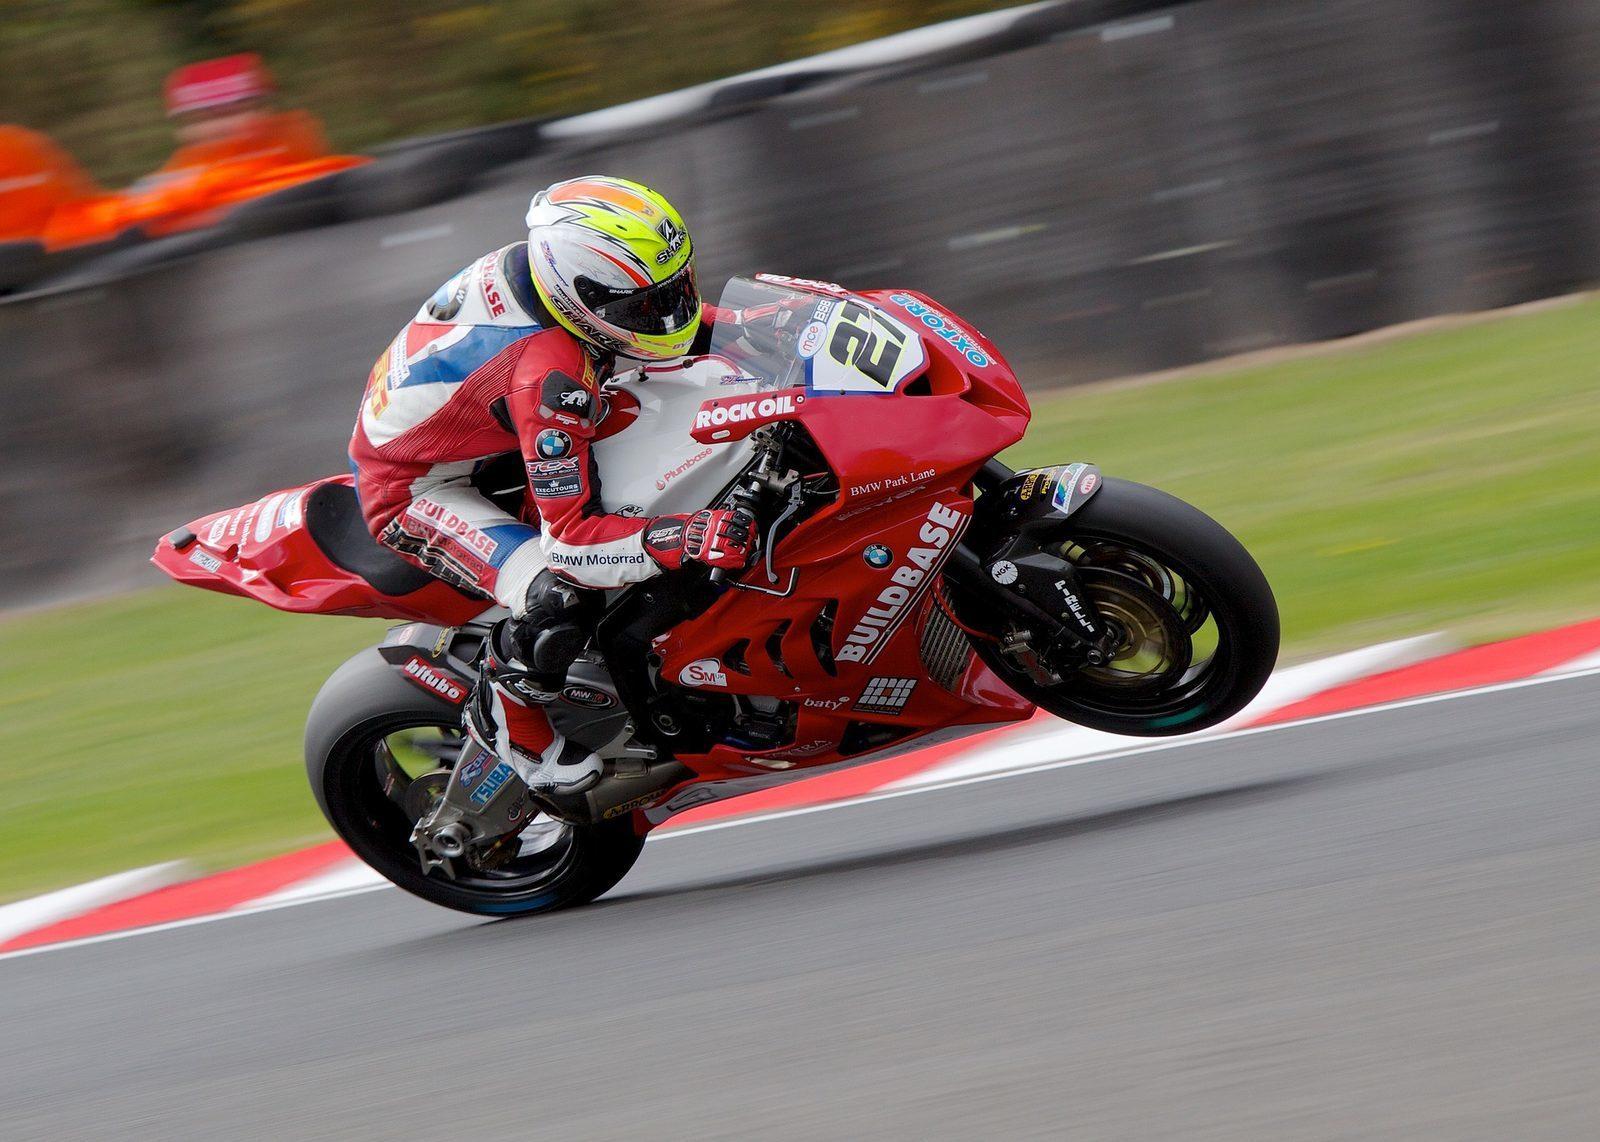 Britisch superbike TT circuit Assen